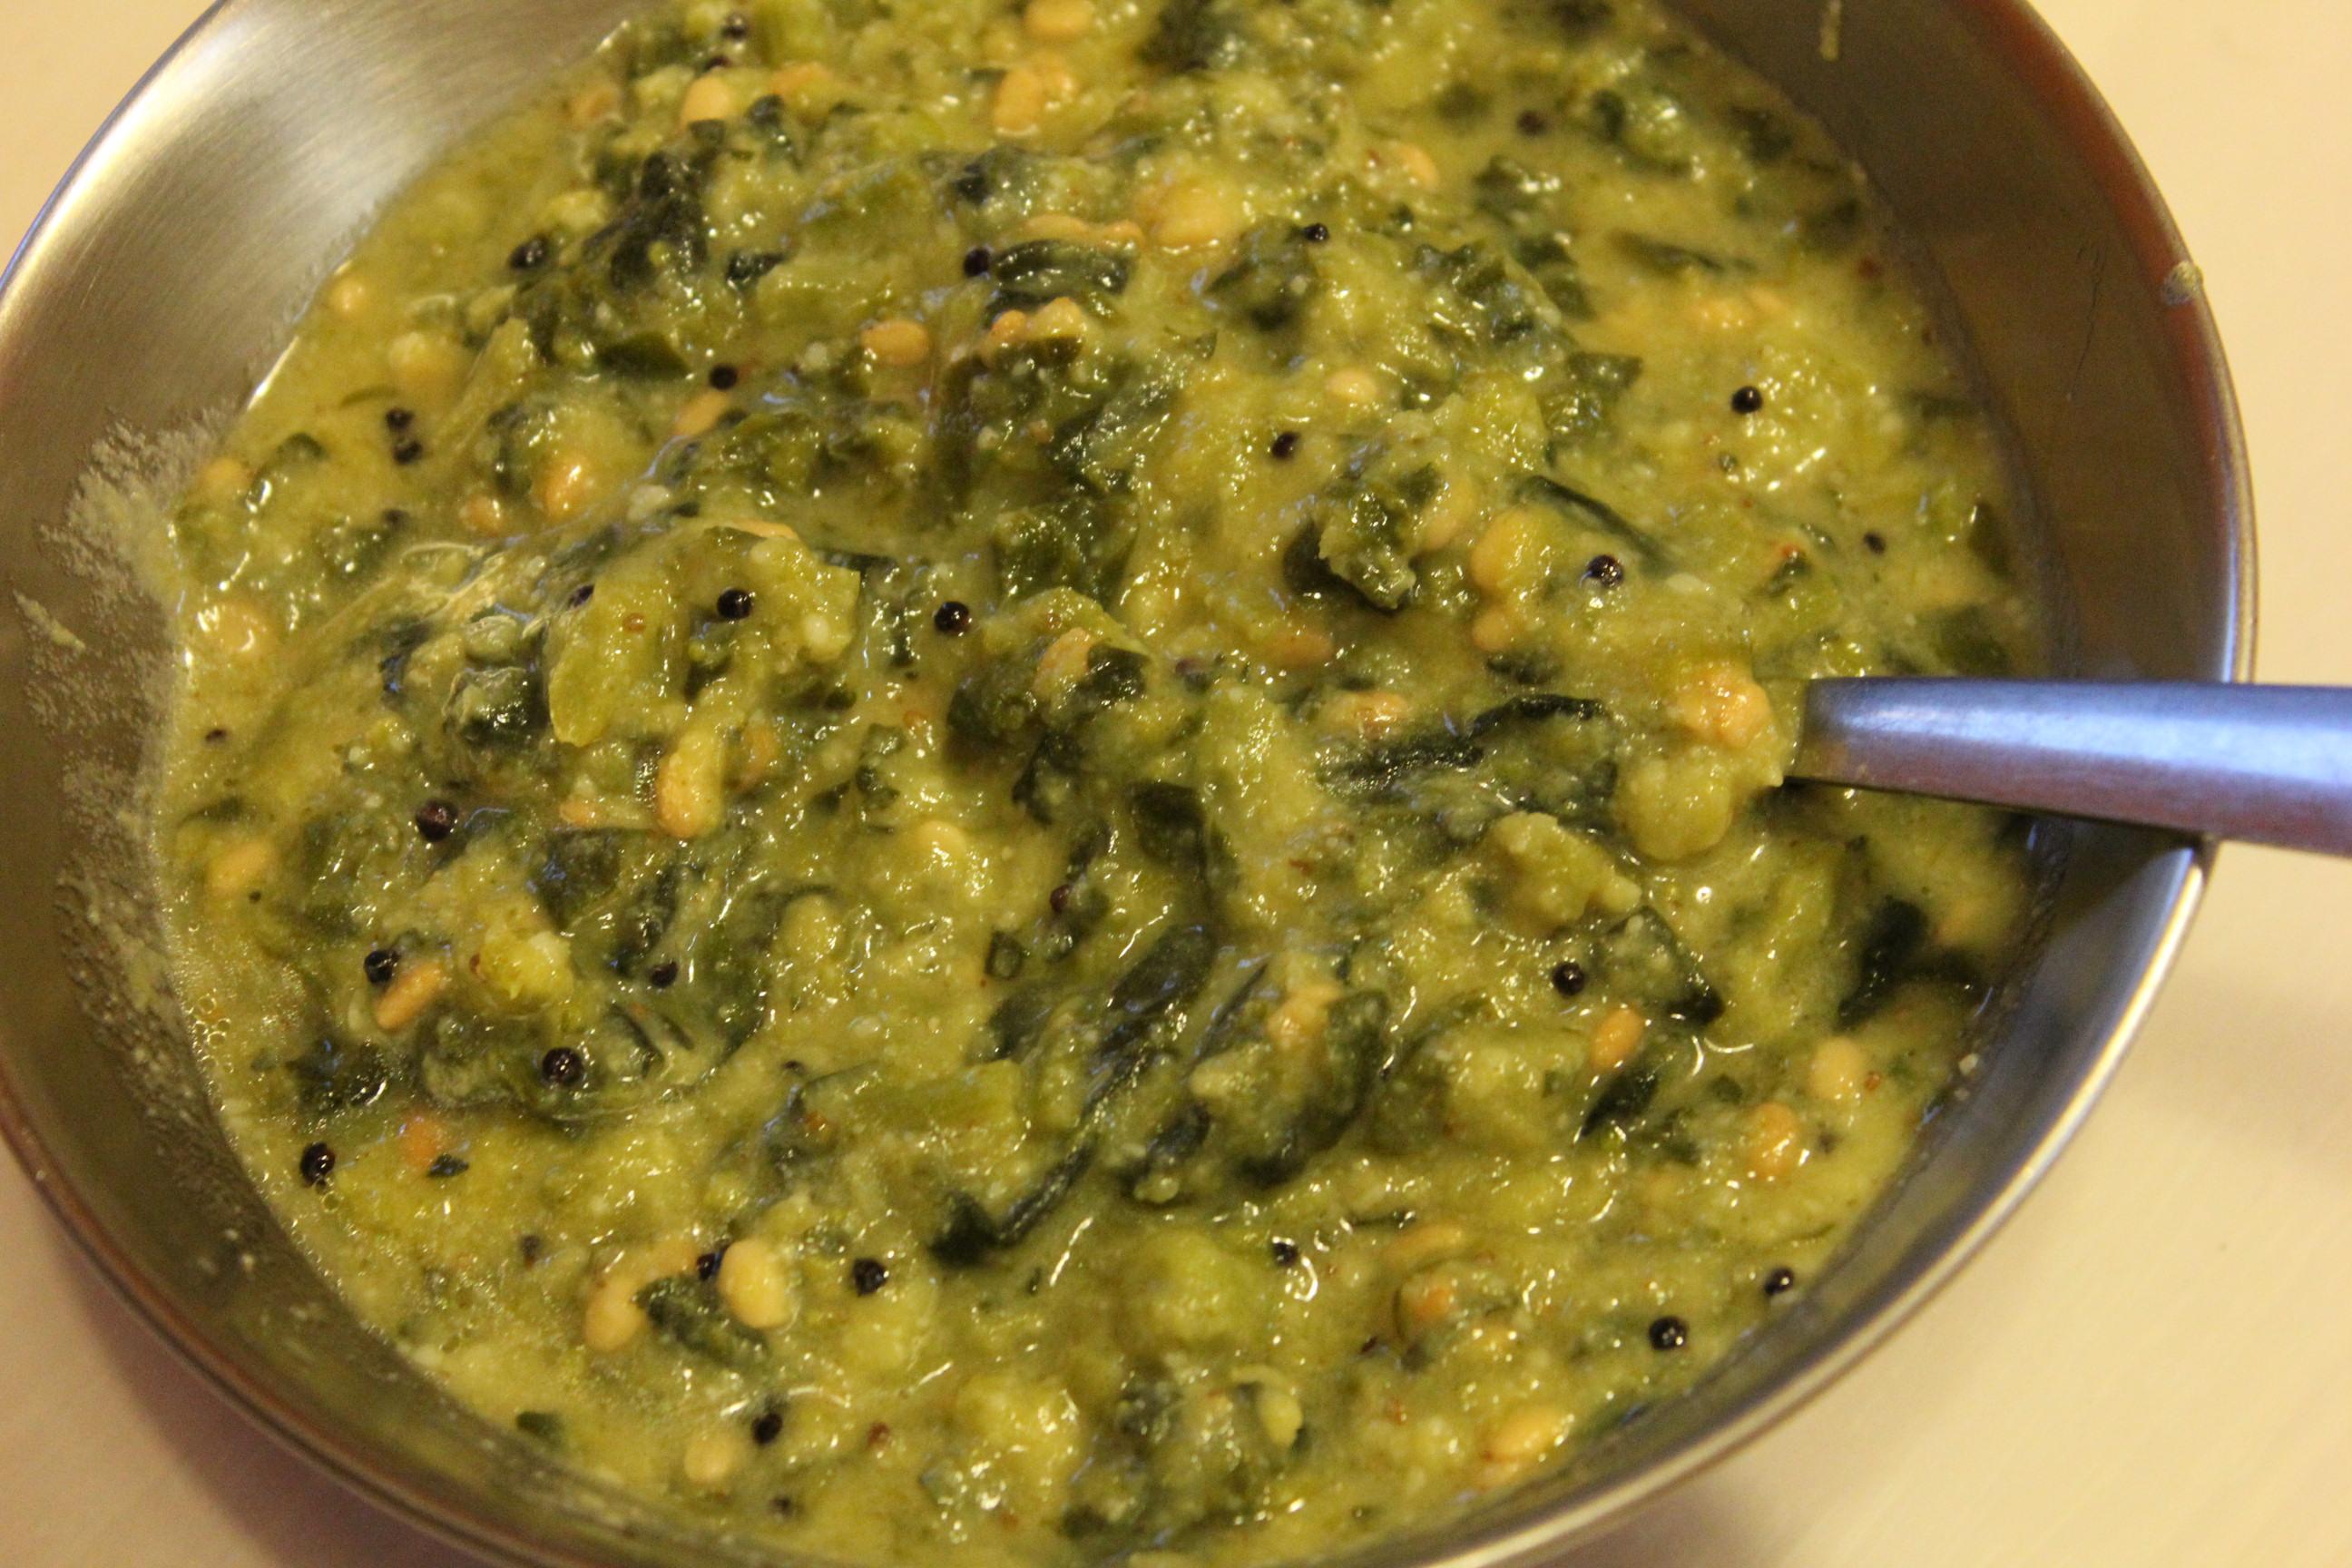 動物性食材不使用のヴィーガンミールスを食べて、ベジタリアン界におけるインド料理の強さを確認する会』の概要